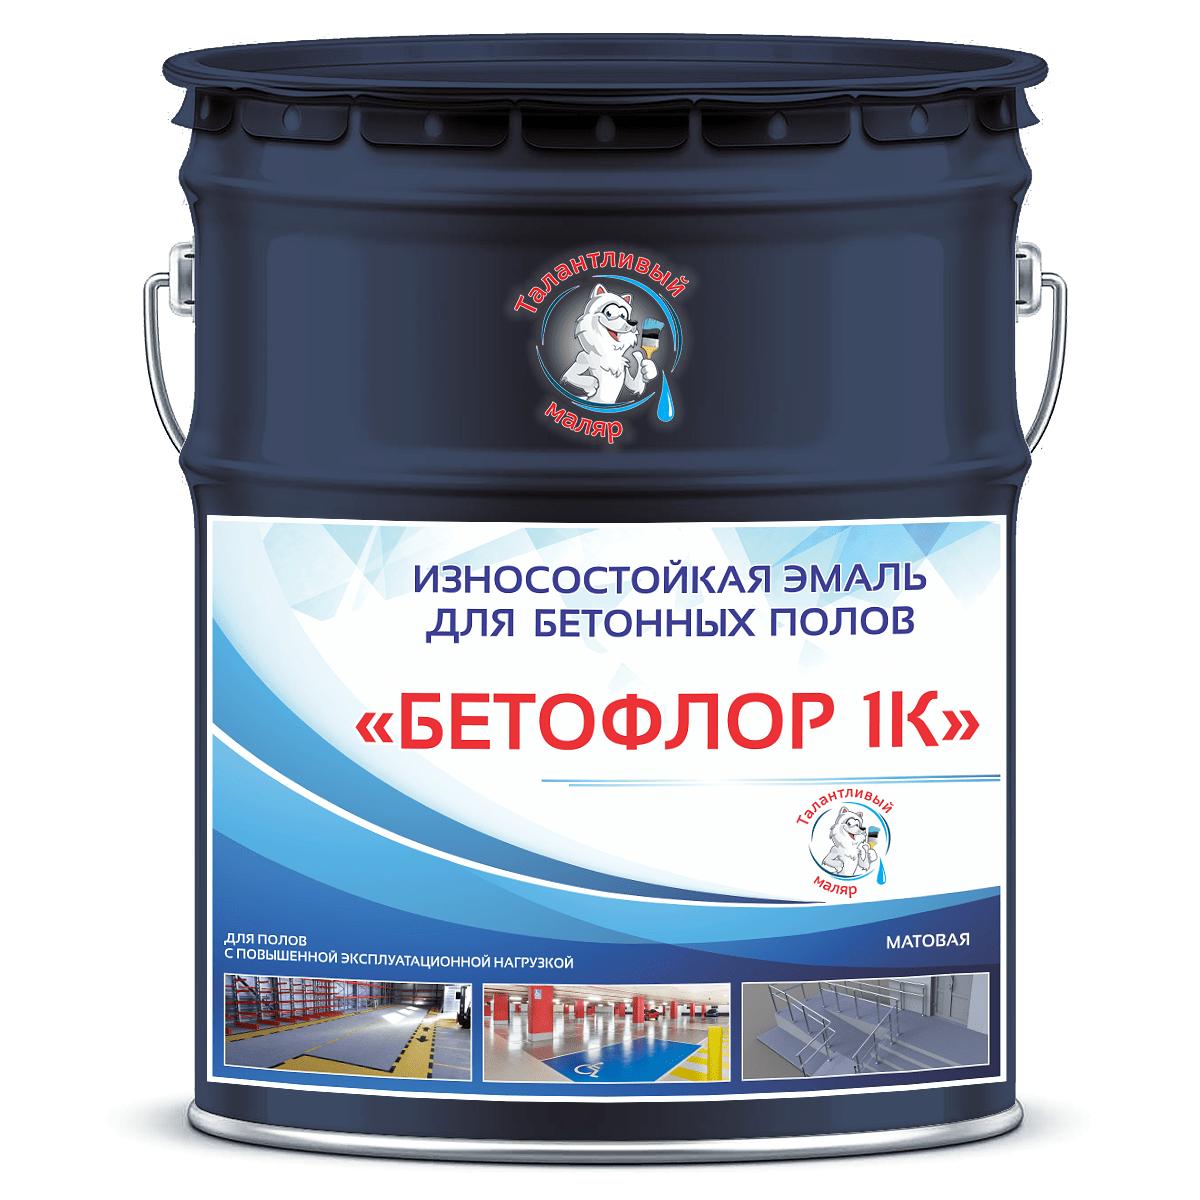 """Фото 17 - BF5004 Эмаль для бетонных полов """"Бетофлор"""" 1К цвет RAL 5004 Чёрно-синий, матовая износостойкая, 25 кг """"Талантливый Маляр""""."""